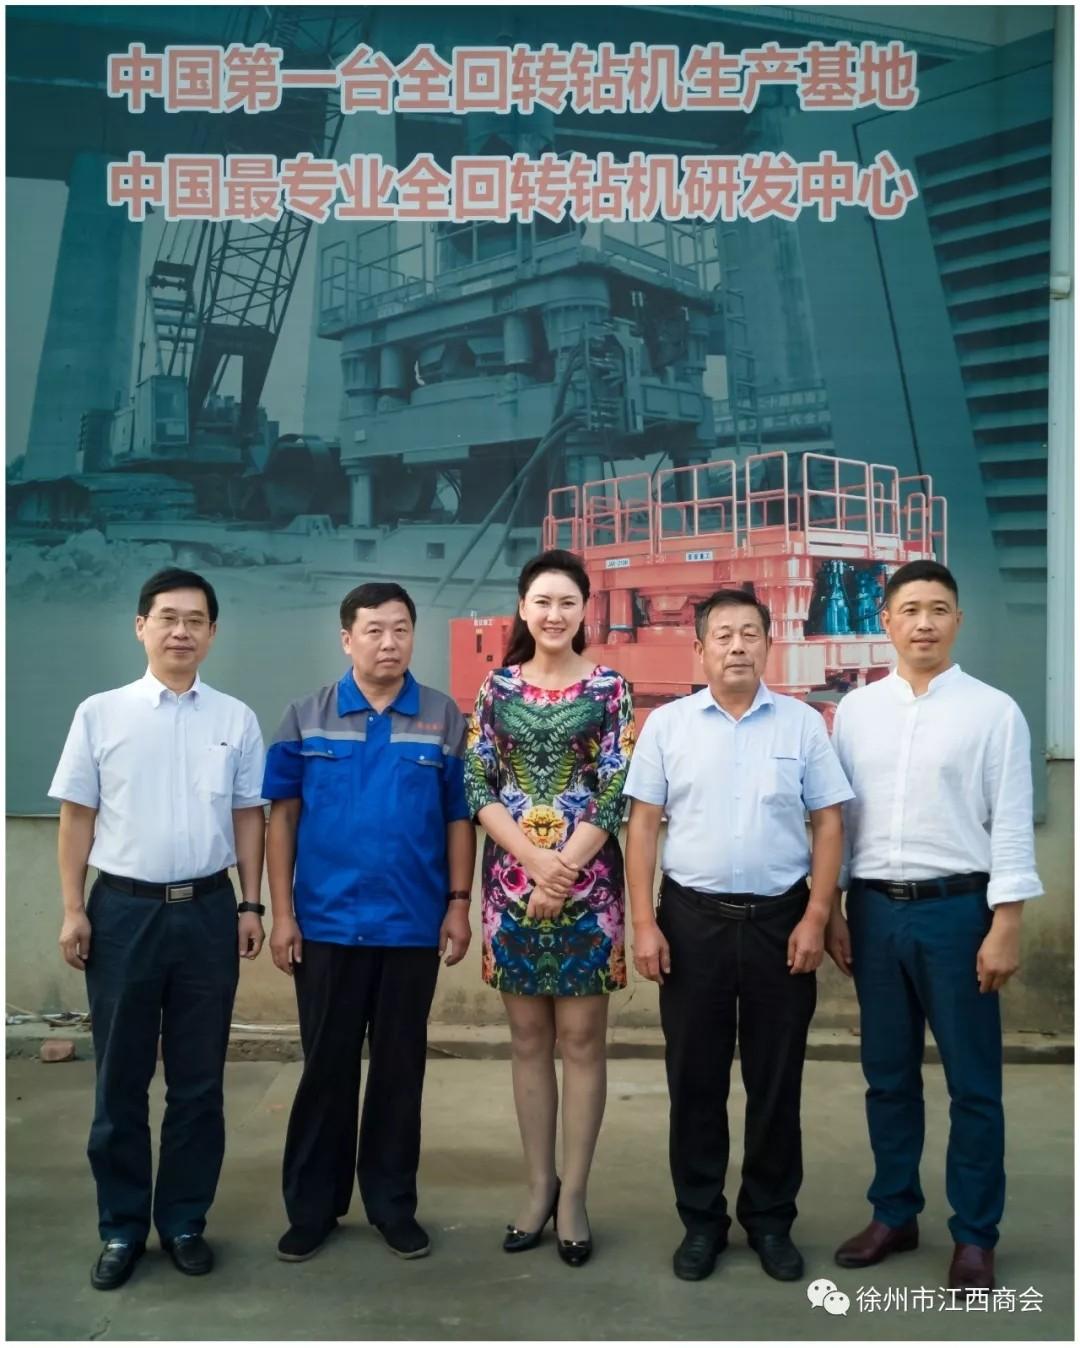 市工商联领导到景安重工参观考察|会员企业动态-徐州市江西商会